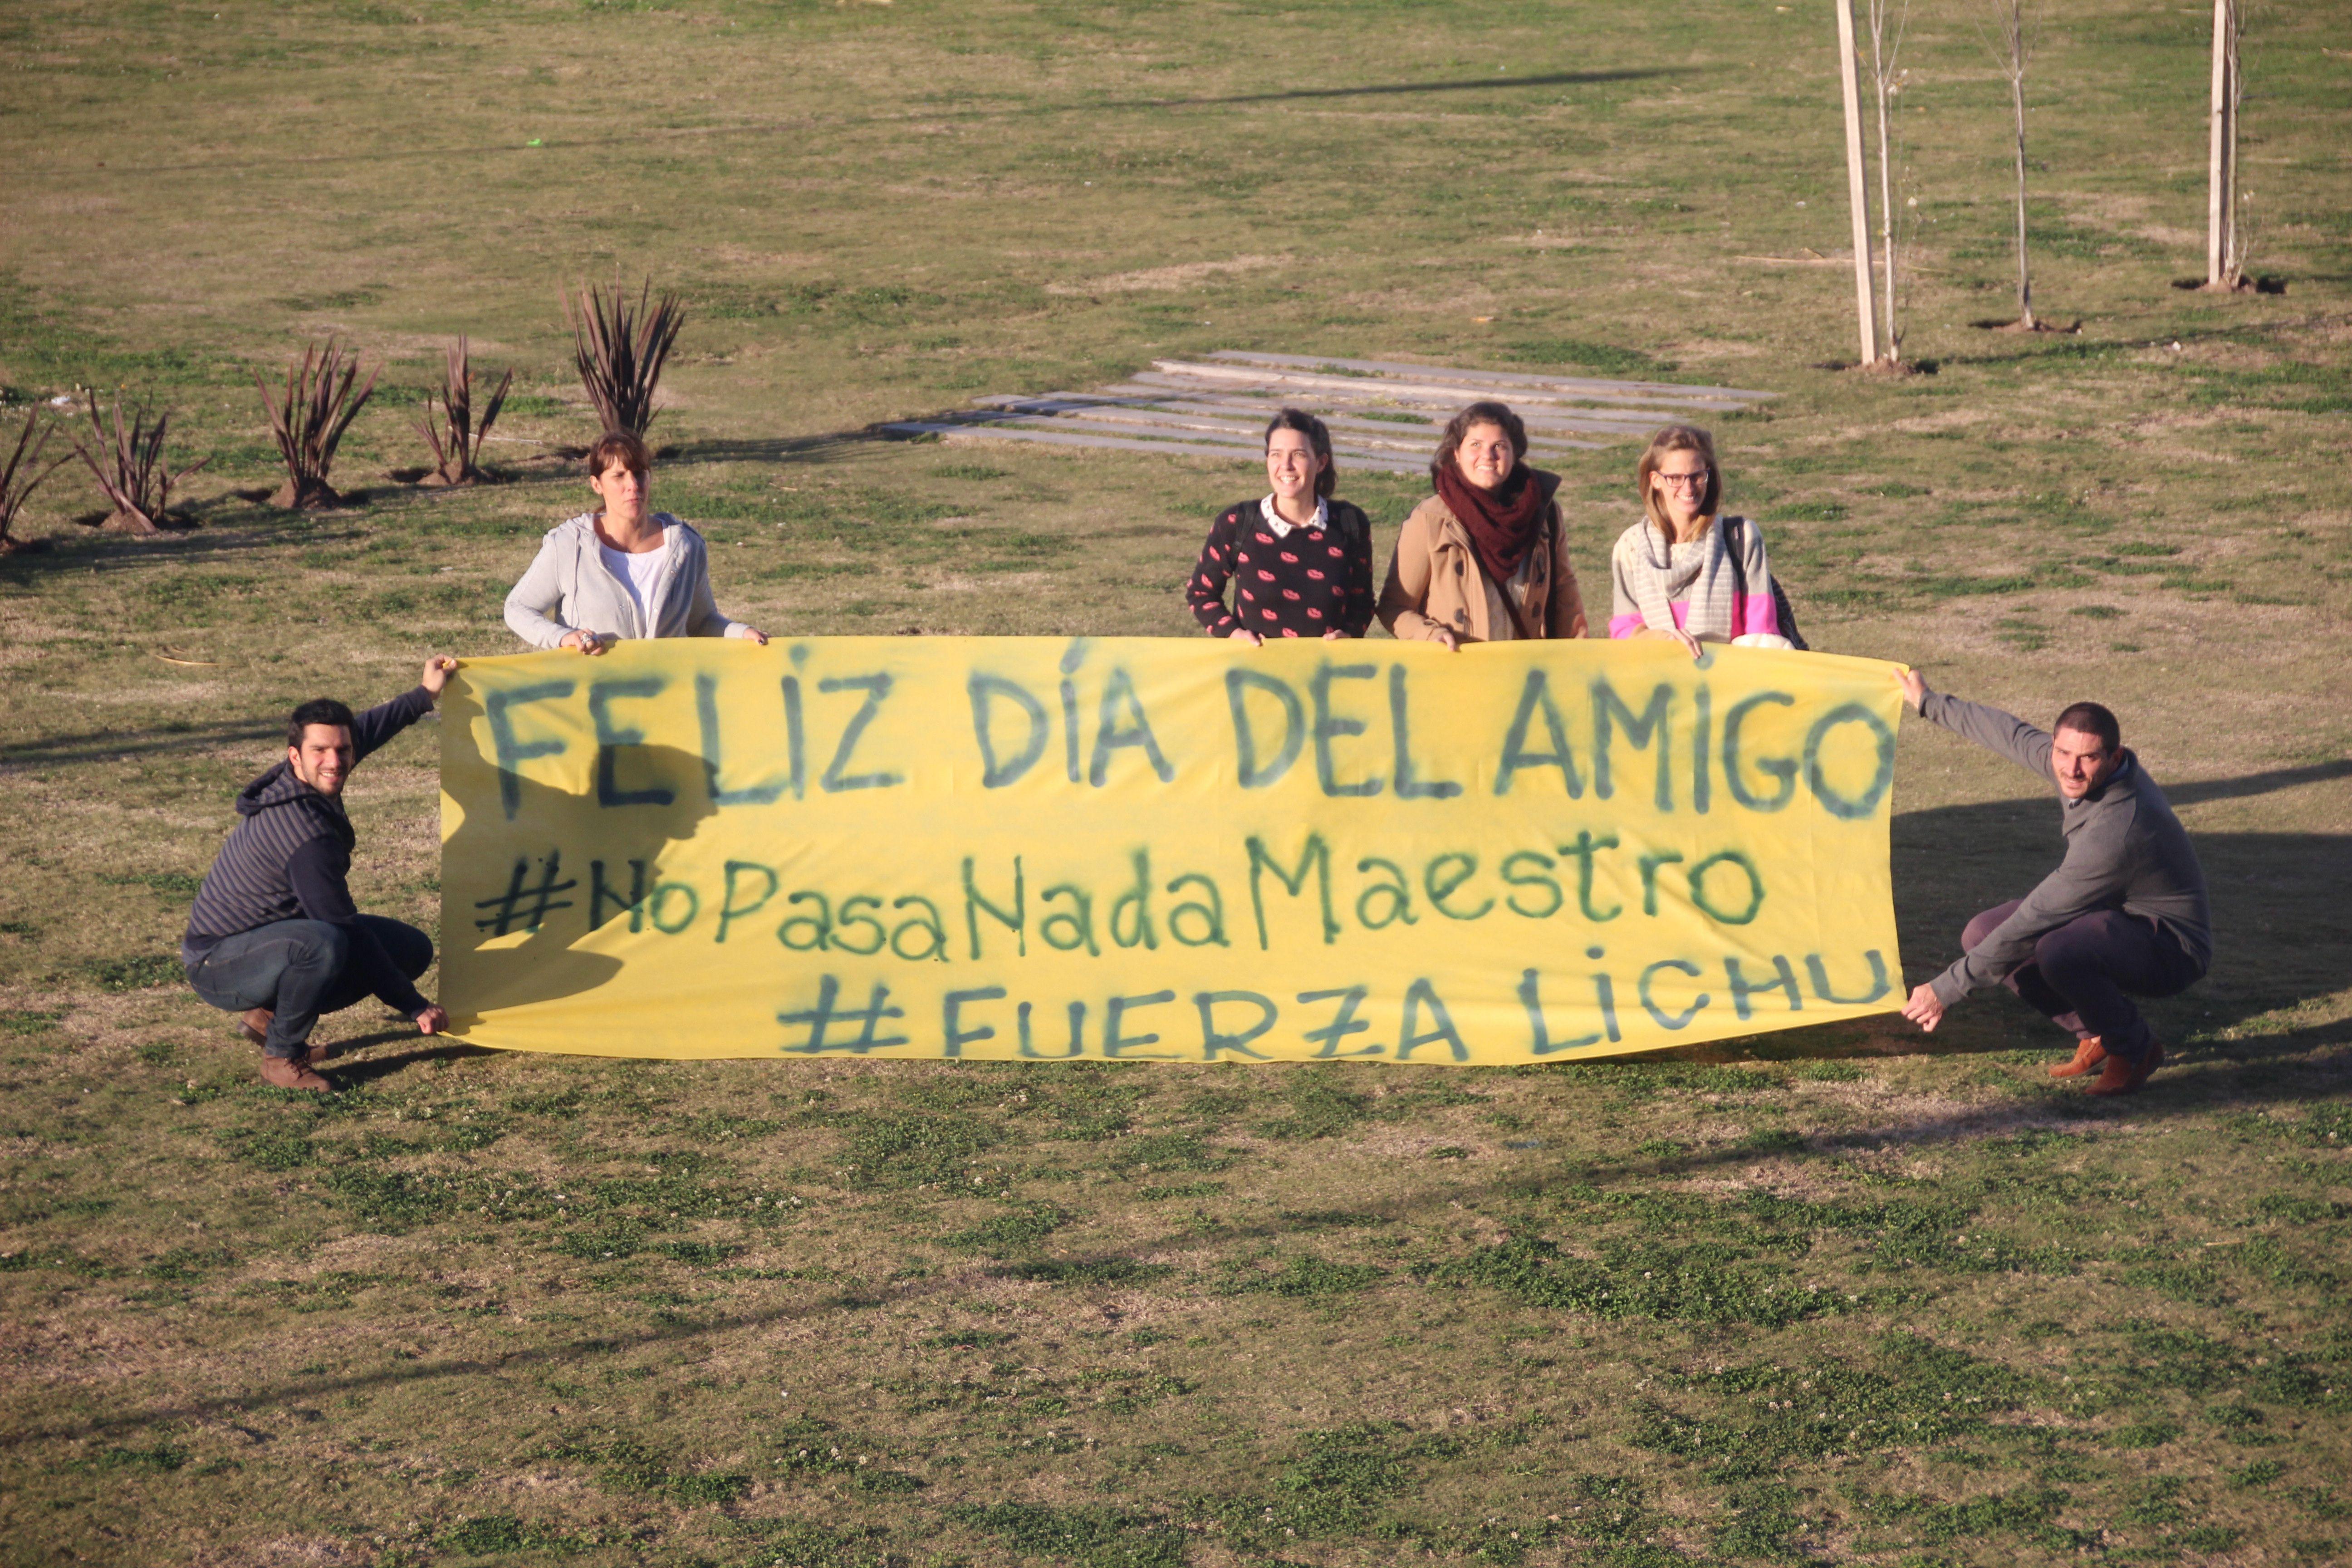 """Los amigos armaron una bandera con la frase que identifica a Lichu: """"No pasa nada maestro""""."""